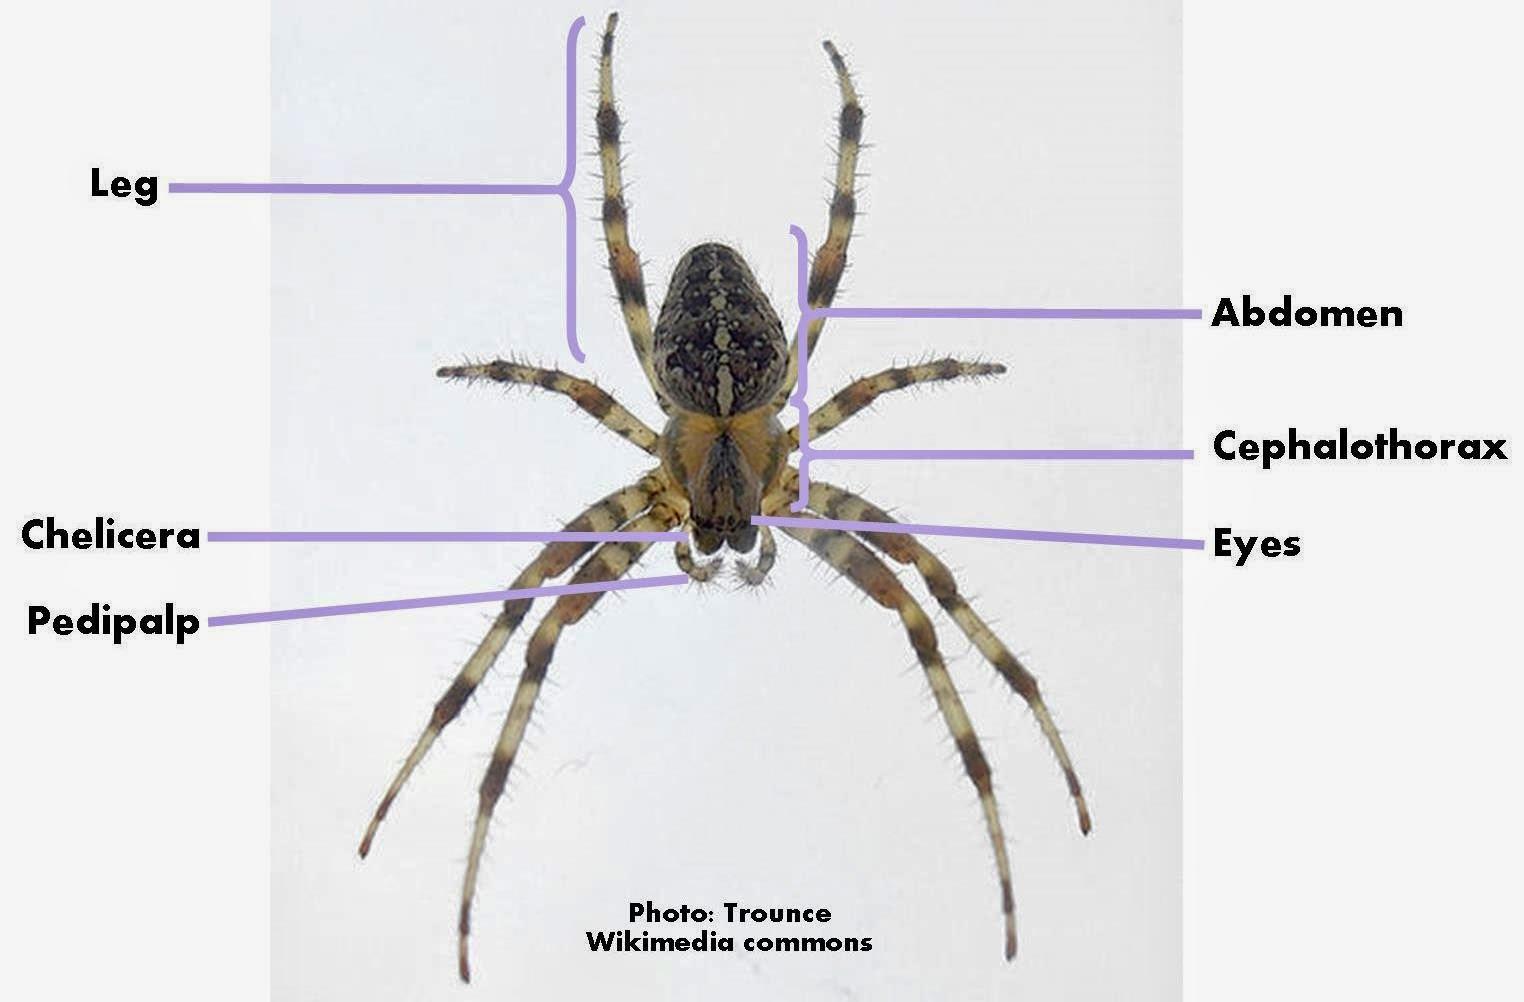 Spider external anatomy